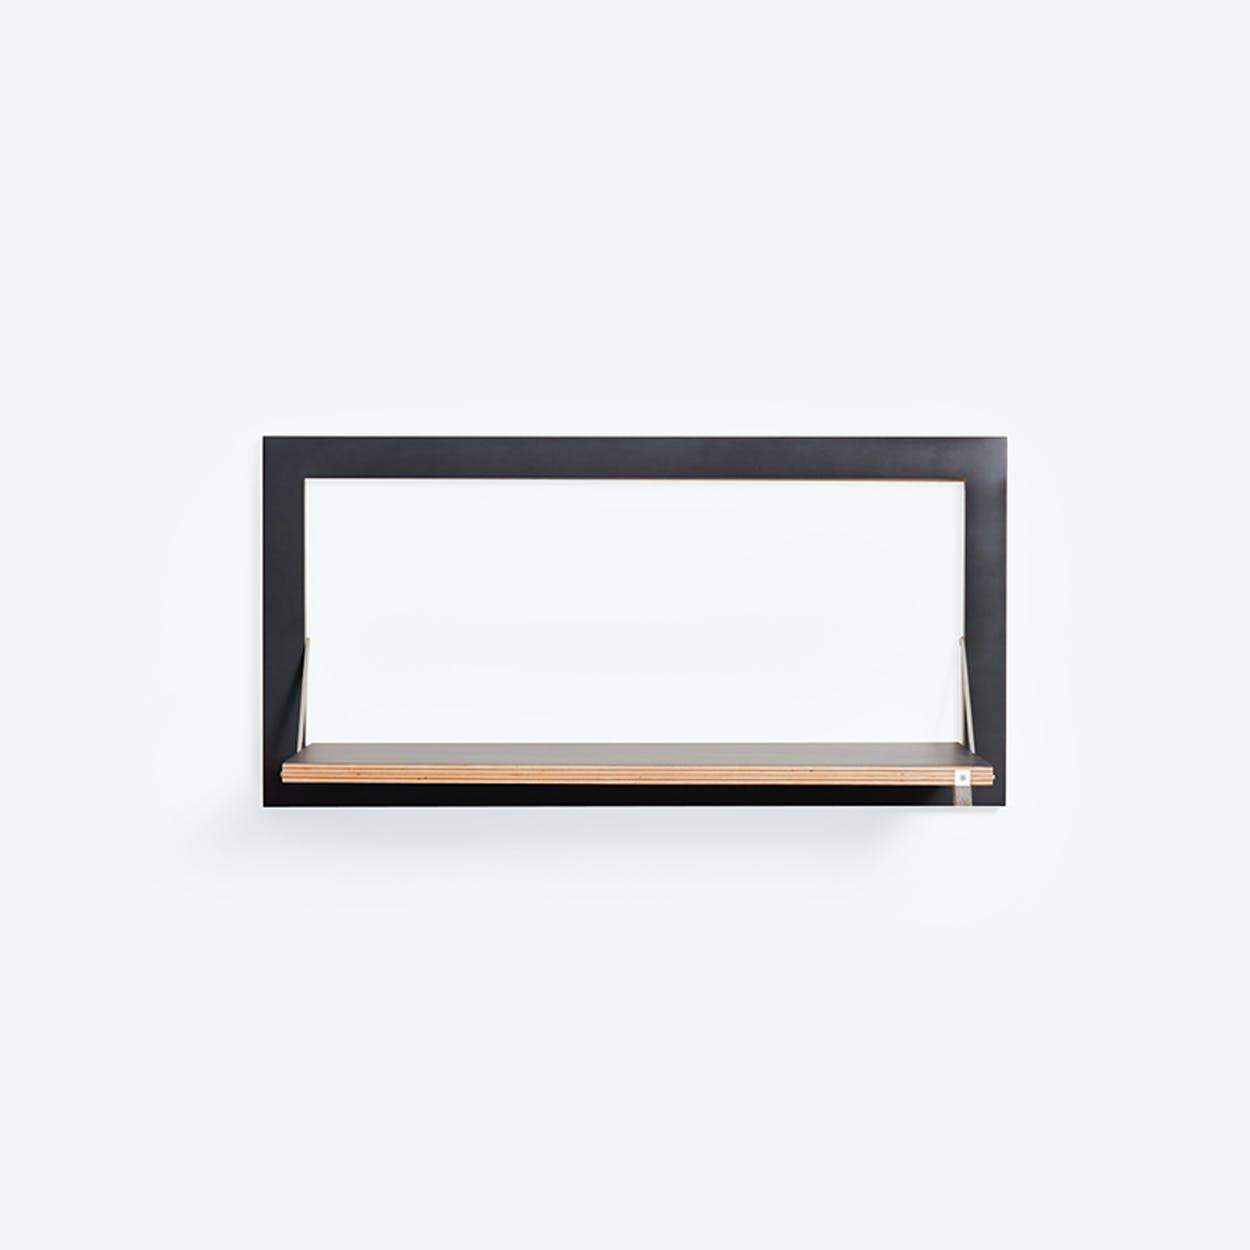 Fläpps Shelf 80x40-1 - Black